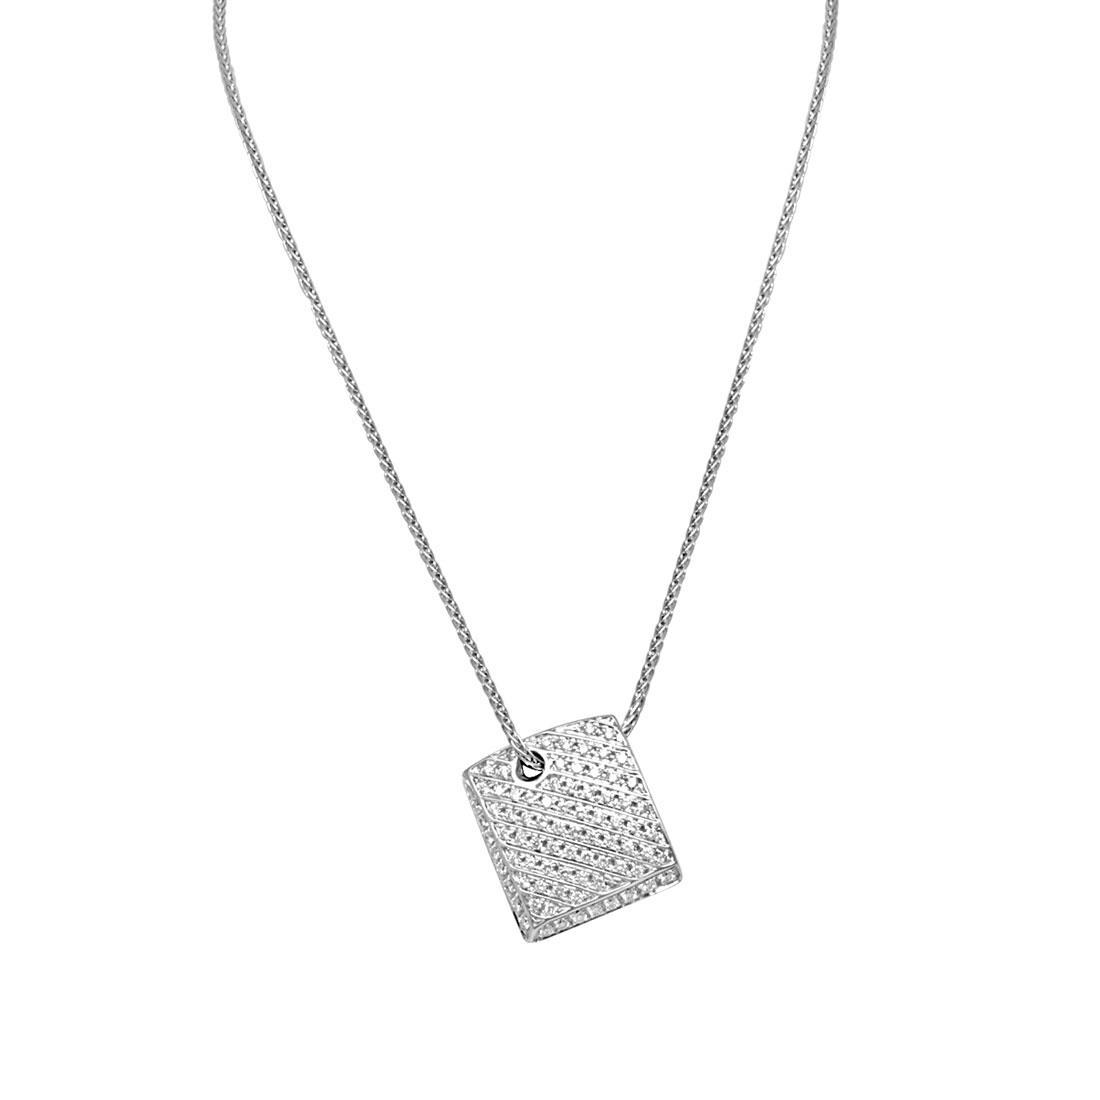 Collana in oro bianco, con pendente in diamanti - SALVINI